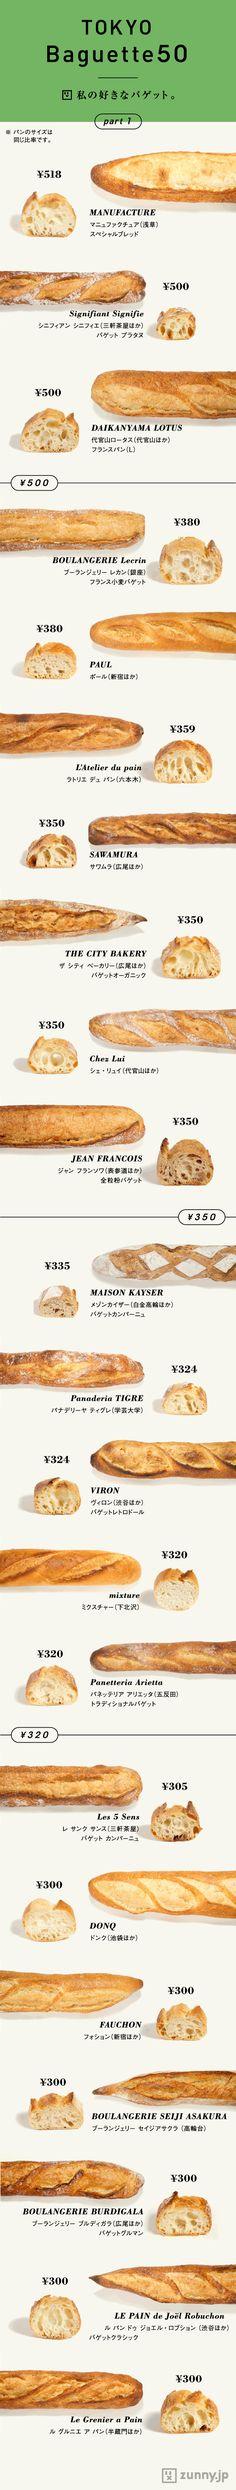 五感で味わう! 東京のおいしいバゲット50本 | ZUNNY インフォグラフィック・ニュース